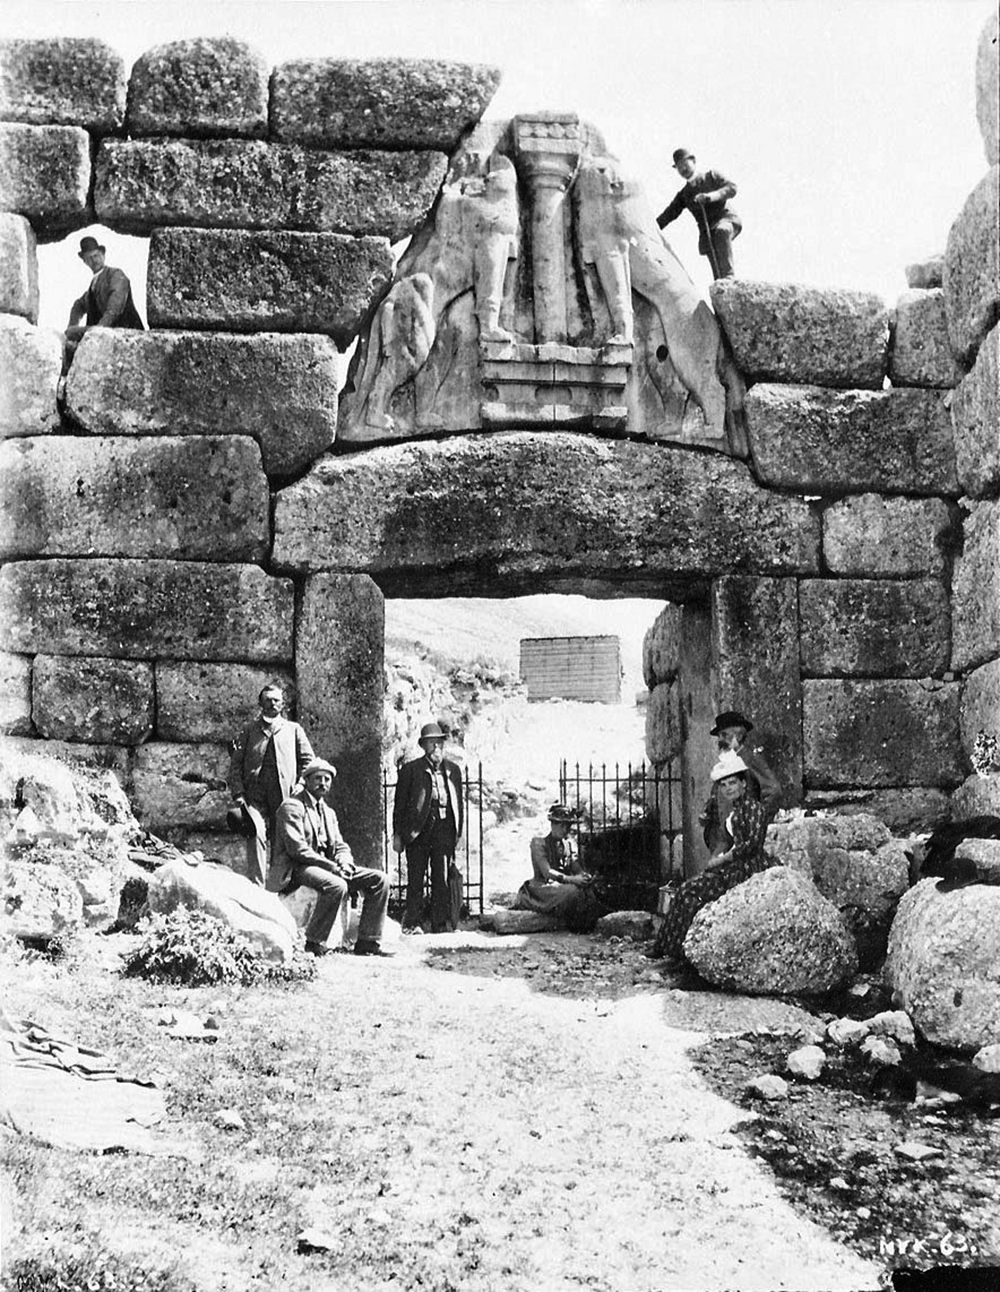 Wilhelm Dörpfeld (upper left) and Heinrich Schliemann (upper right) at the Lion Gate of Mycenae, c. 1884–85.